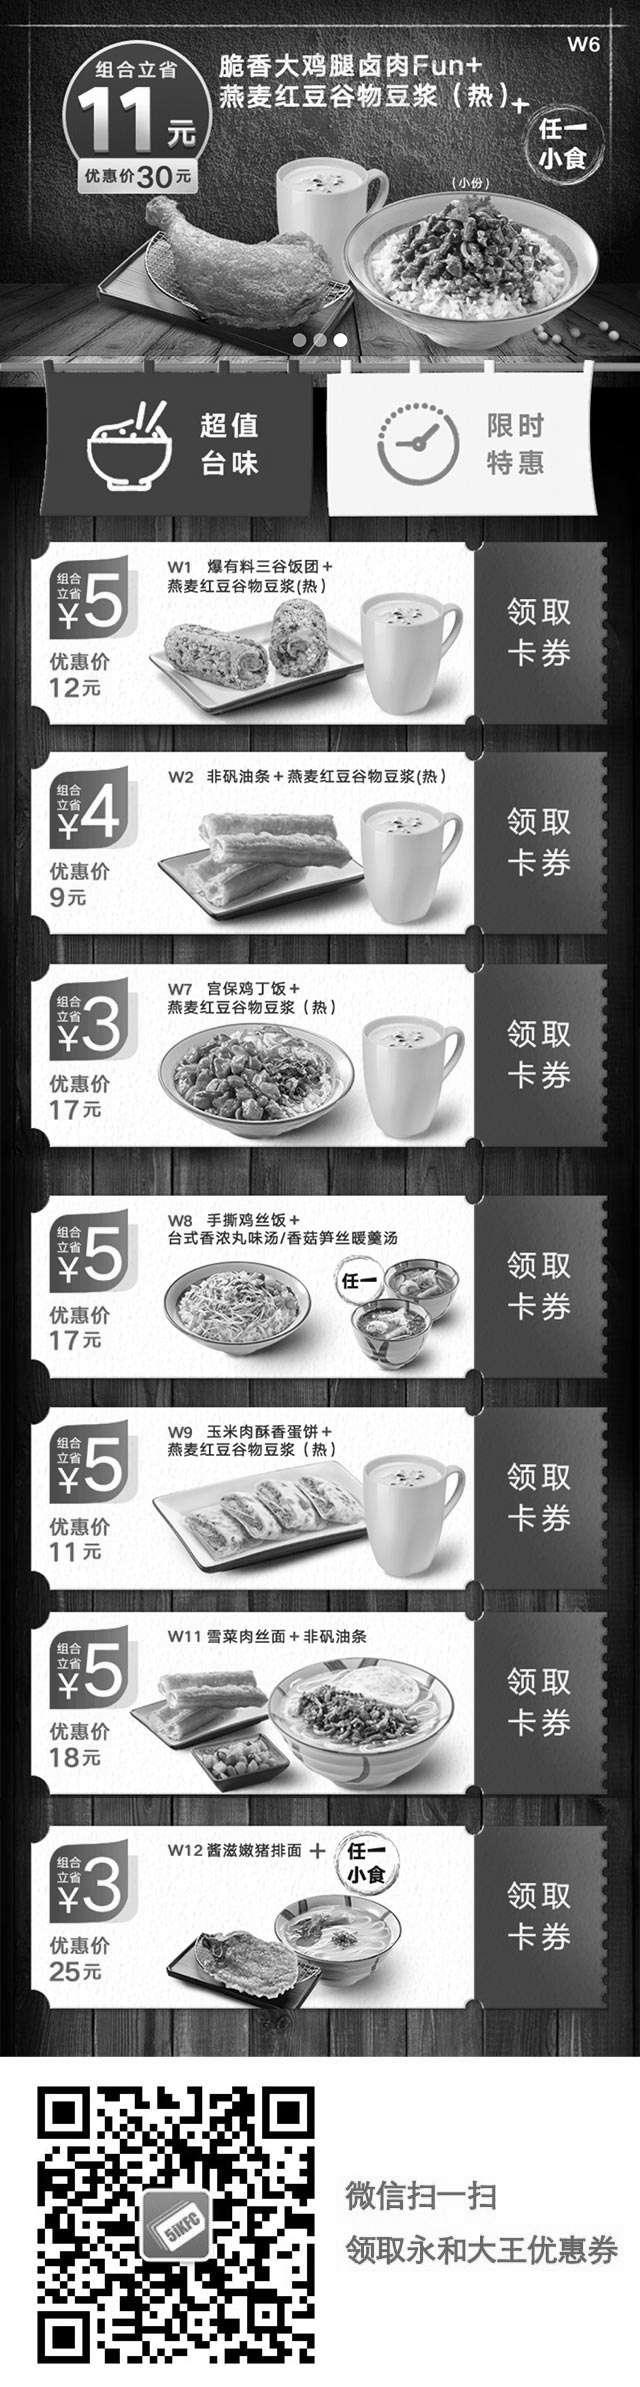 黑白优惠券图片:永和大王超值台味2019年2月3月优惠券,多款大王美食组合享优惠 - www.5ikfc.com